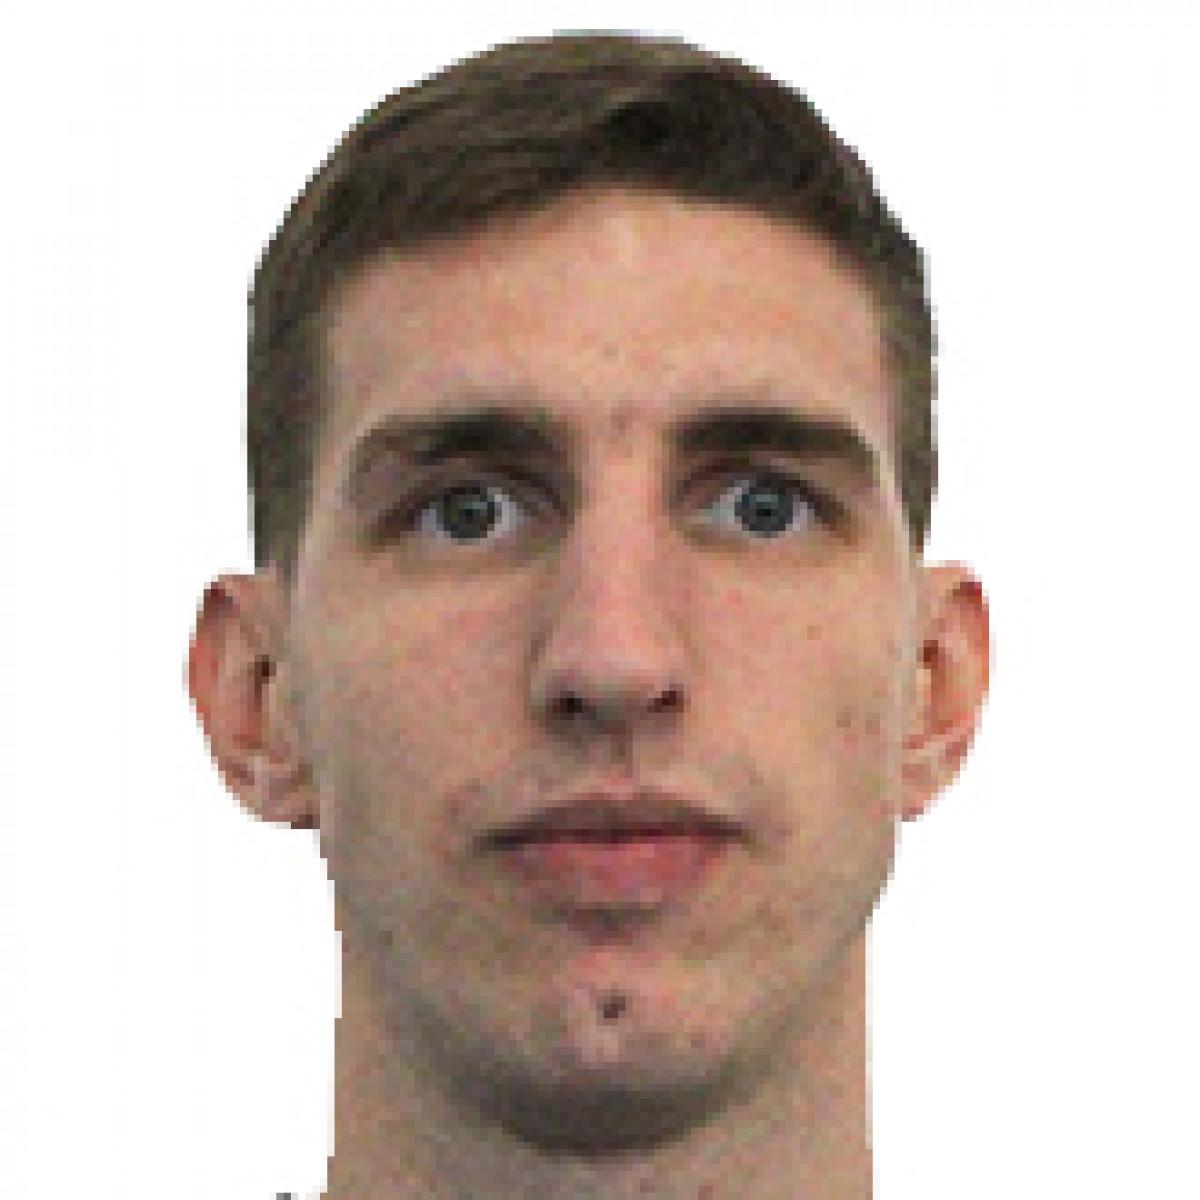 Dusan Kutlesic